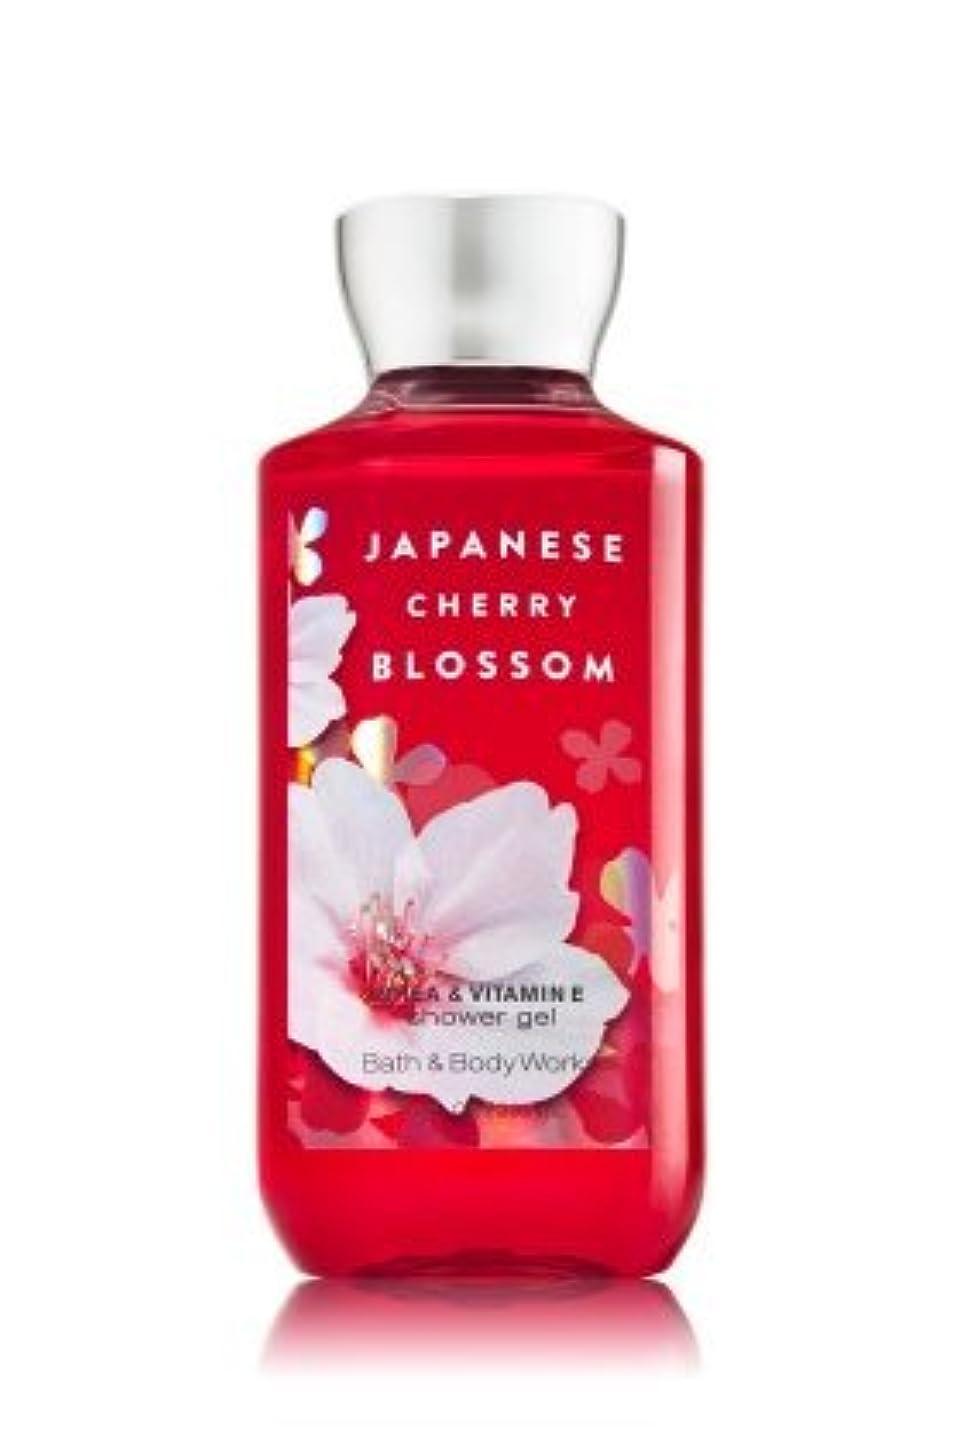 テープ二層うなずく【Bath&Body Works/バス&ボディワークス】 シャワージェル ジャパニーズチェリーブロッサム Shower Gel Japanese Cherry Blossom 10 fl oz / 295 mL [並行輸入品]